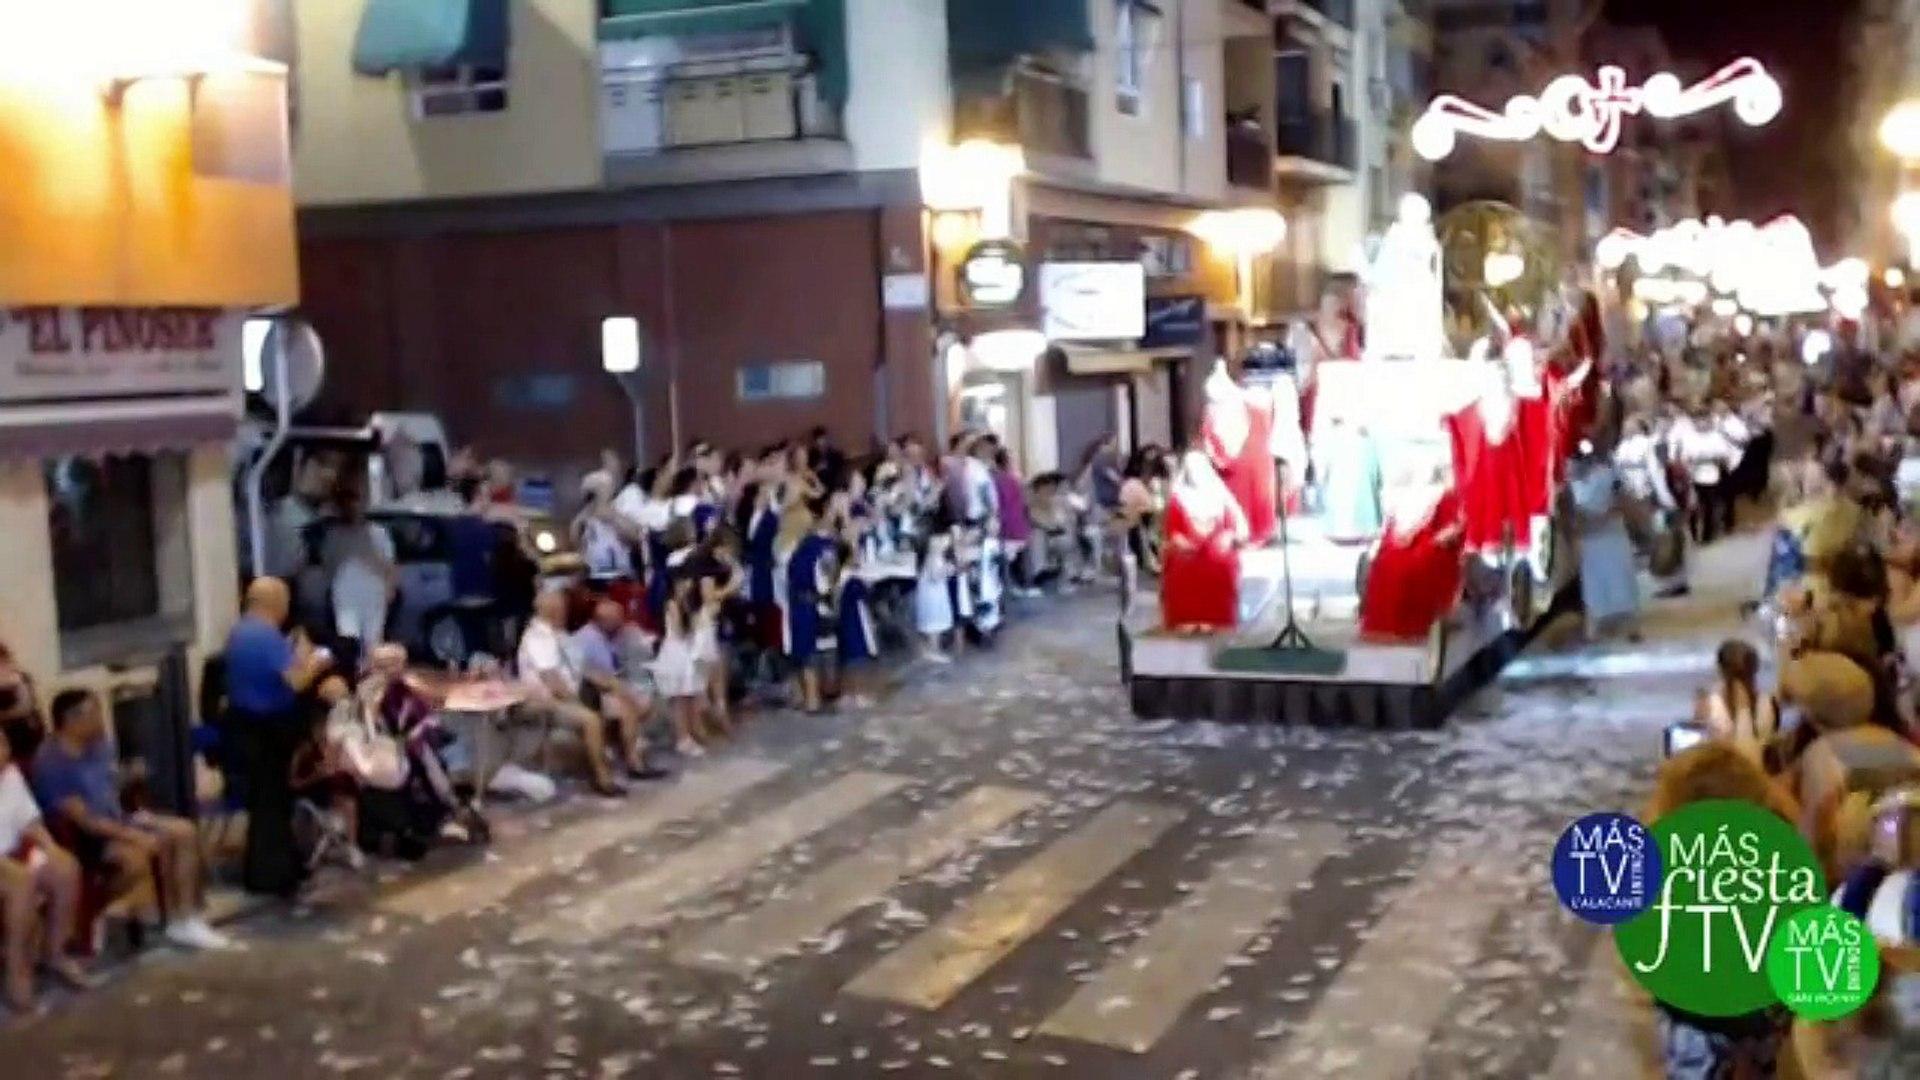 Moros y Cristianos Barrio San Blas Alicante 2018 Entrada Mora 3ª parte (MásFiestaTv)